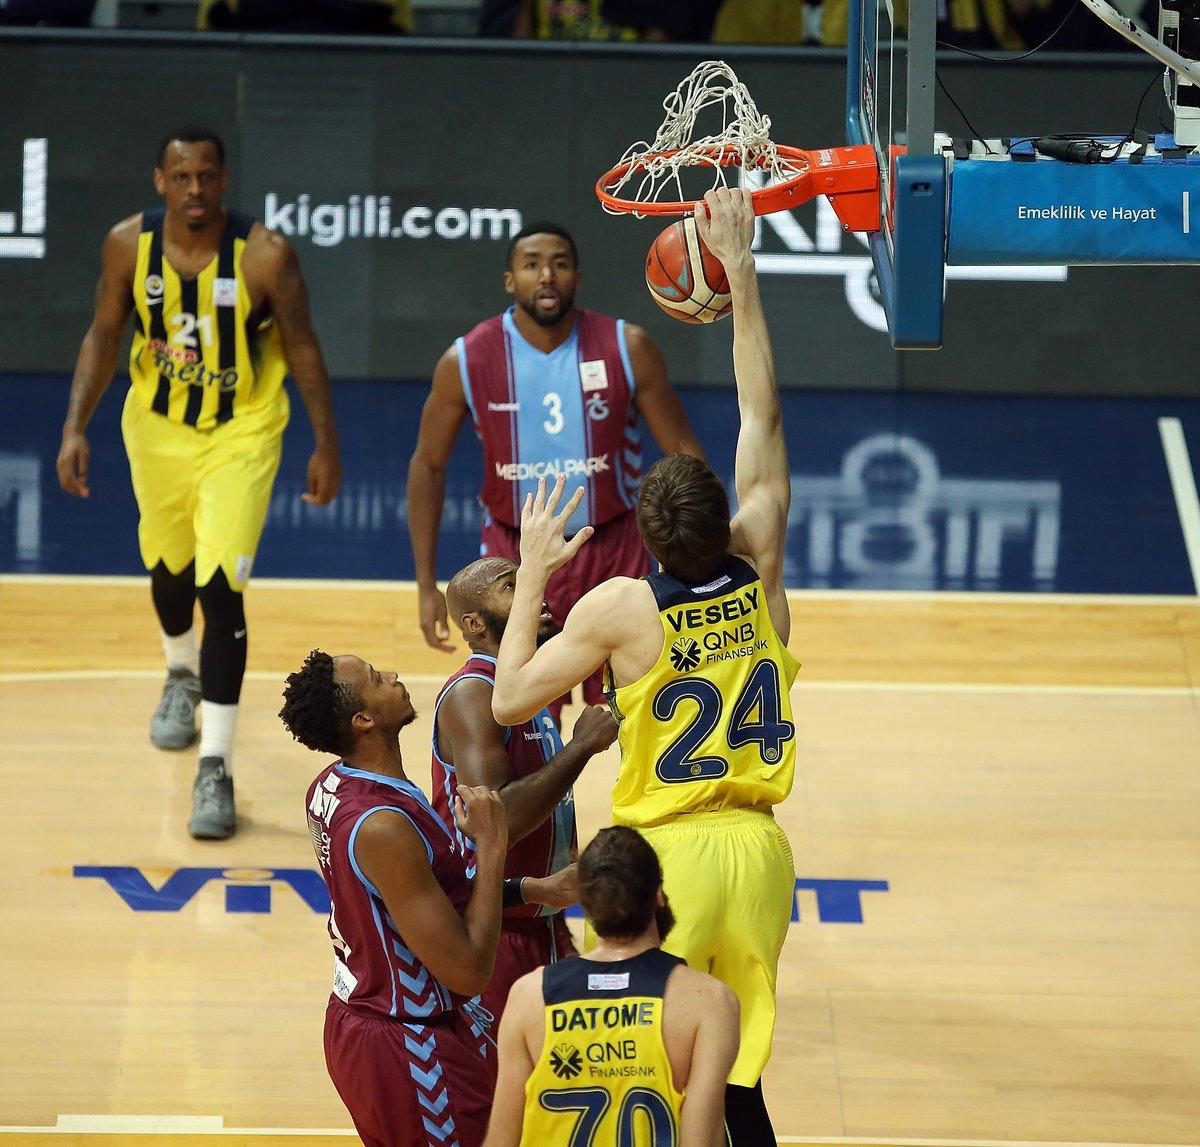 Trabzonspor - Fenerbahçe Maçı İddaa Tahmini ve Yorumu 3 Mayıs 2017